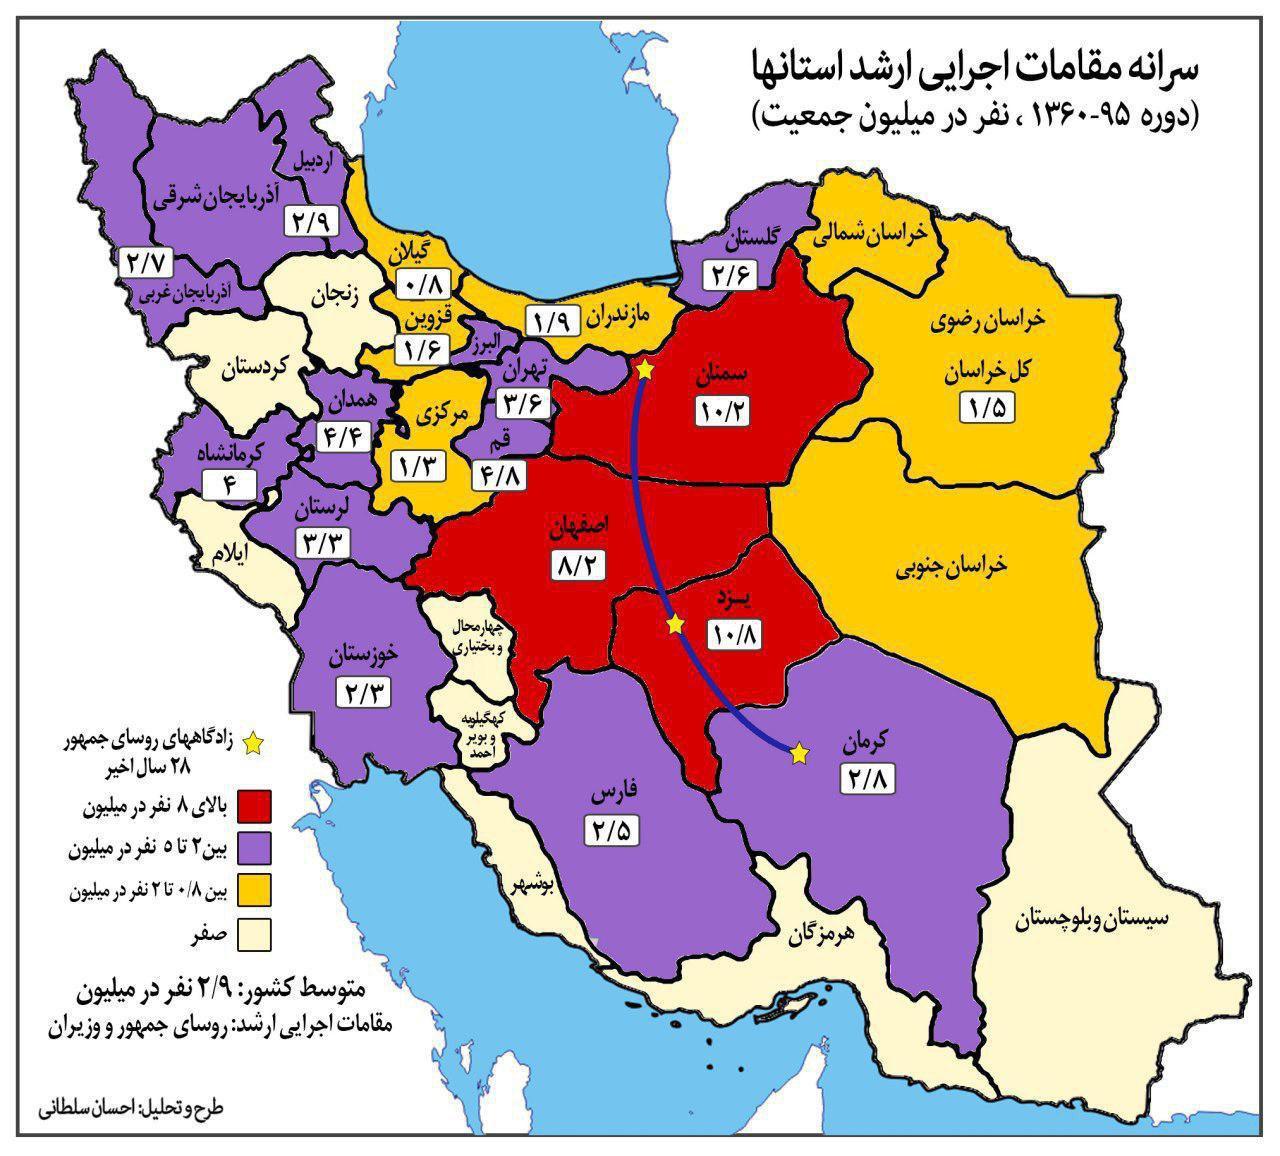 نحوه توزیع قدرت در دولتهای ایران/ بیشتر دولتمردان از کدام استان بودهاند؟/اطلاعاتی جالب درباره دولتهای بعد از انقثل+نقشه